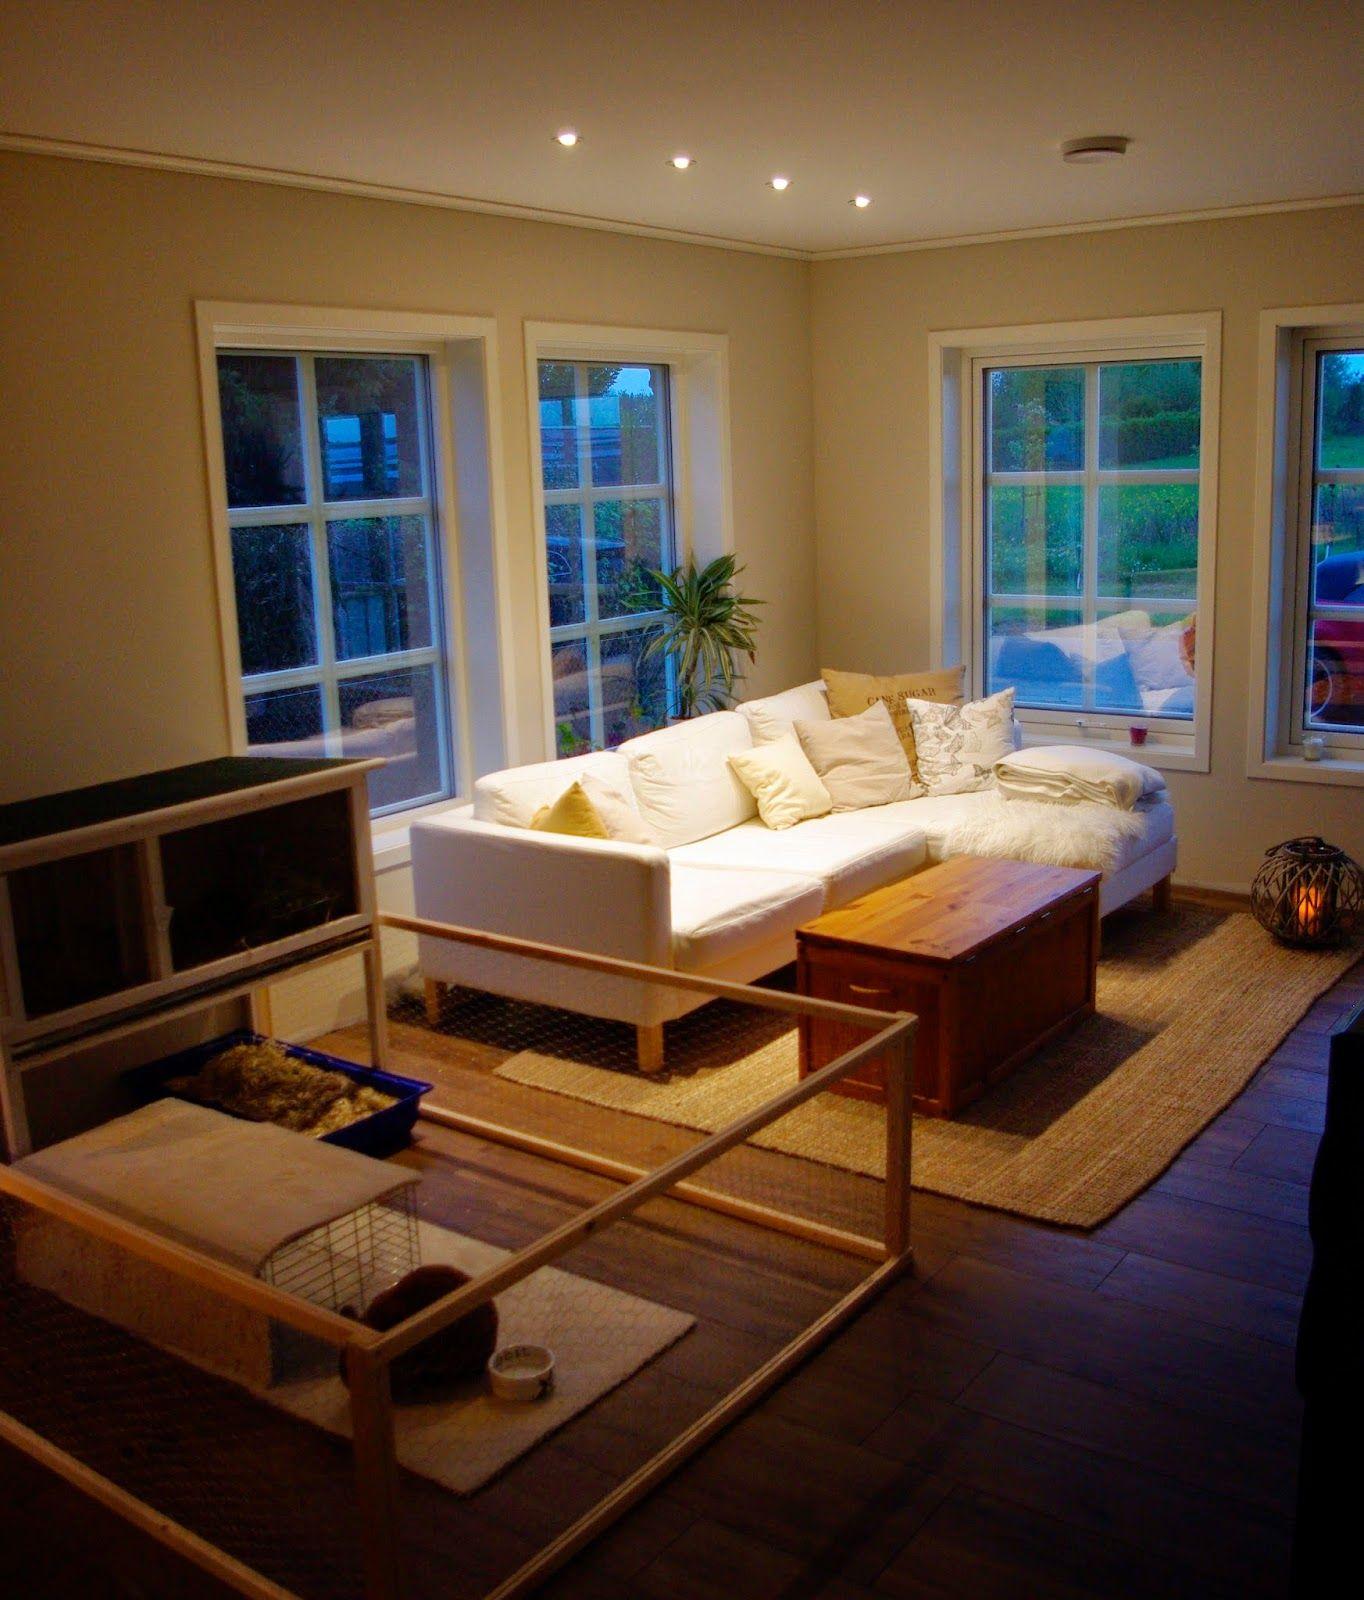 Schwedenhaus Bernd bietet viel Platz für das Ausleben der skandinavischen Wohnkultur. Selbst ein Freilauf für das Hauskaninchen konnte im Wohnzimmer aufgestellt werden ;-). Baubüro Süd der Akost gmbH: www.bau-dein-schwedenhaus.de